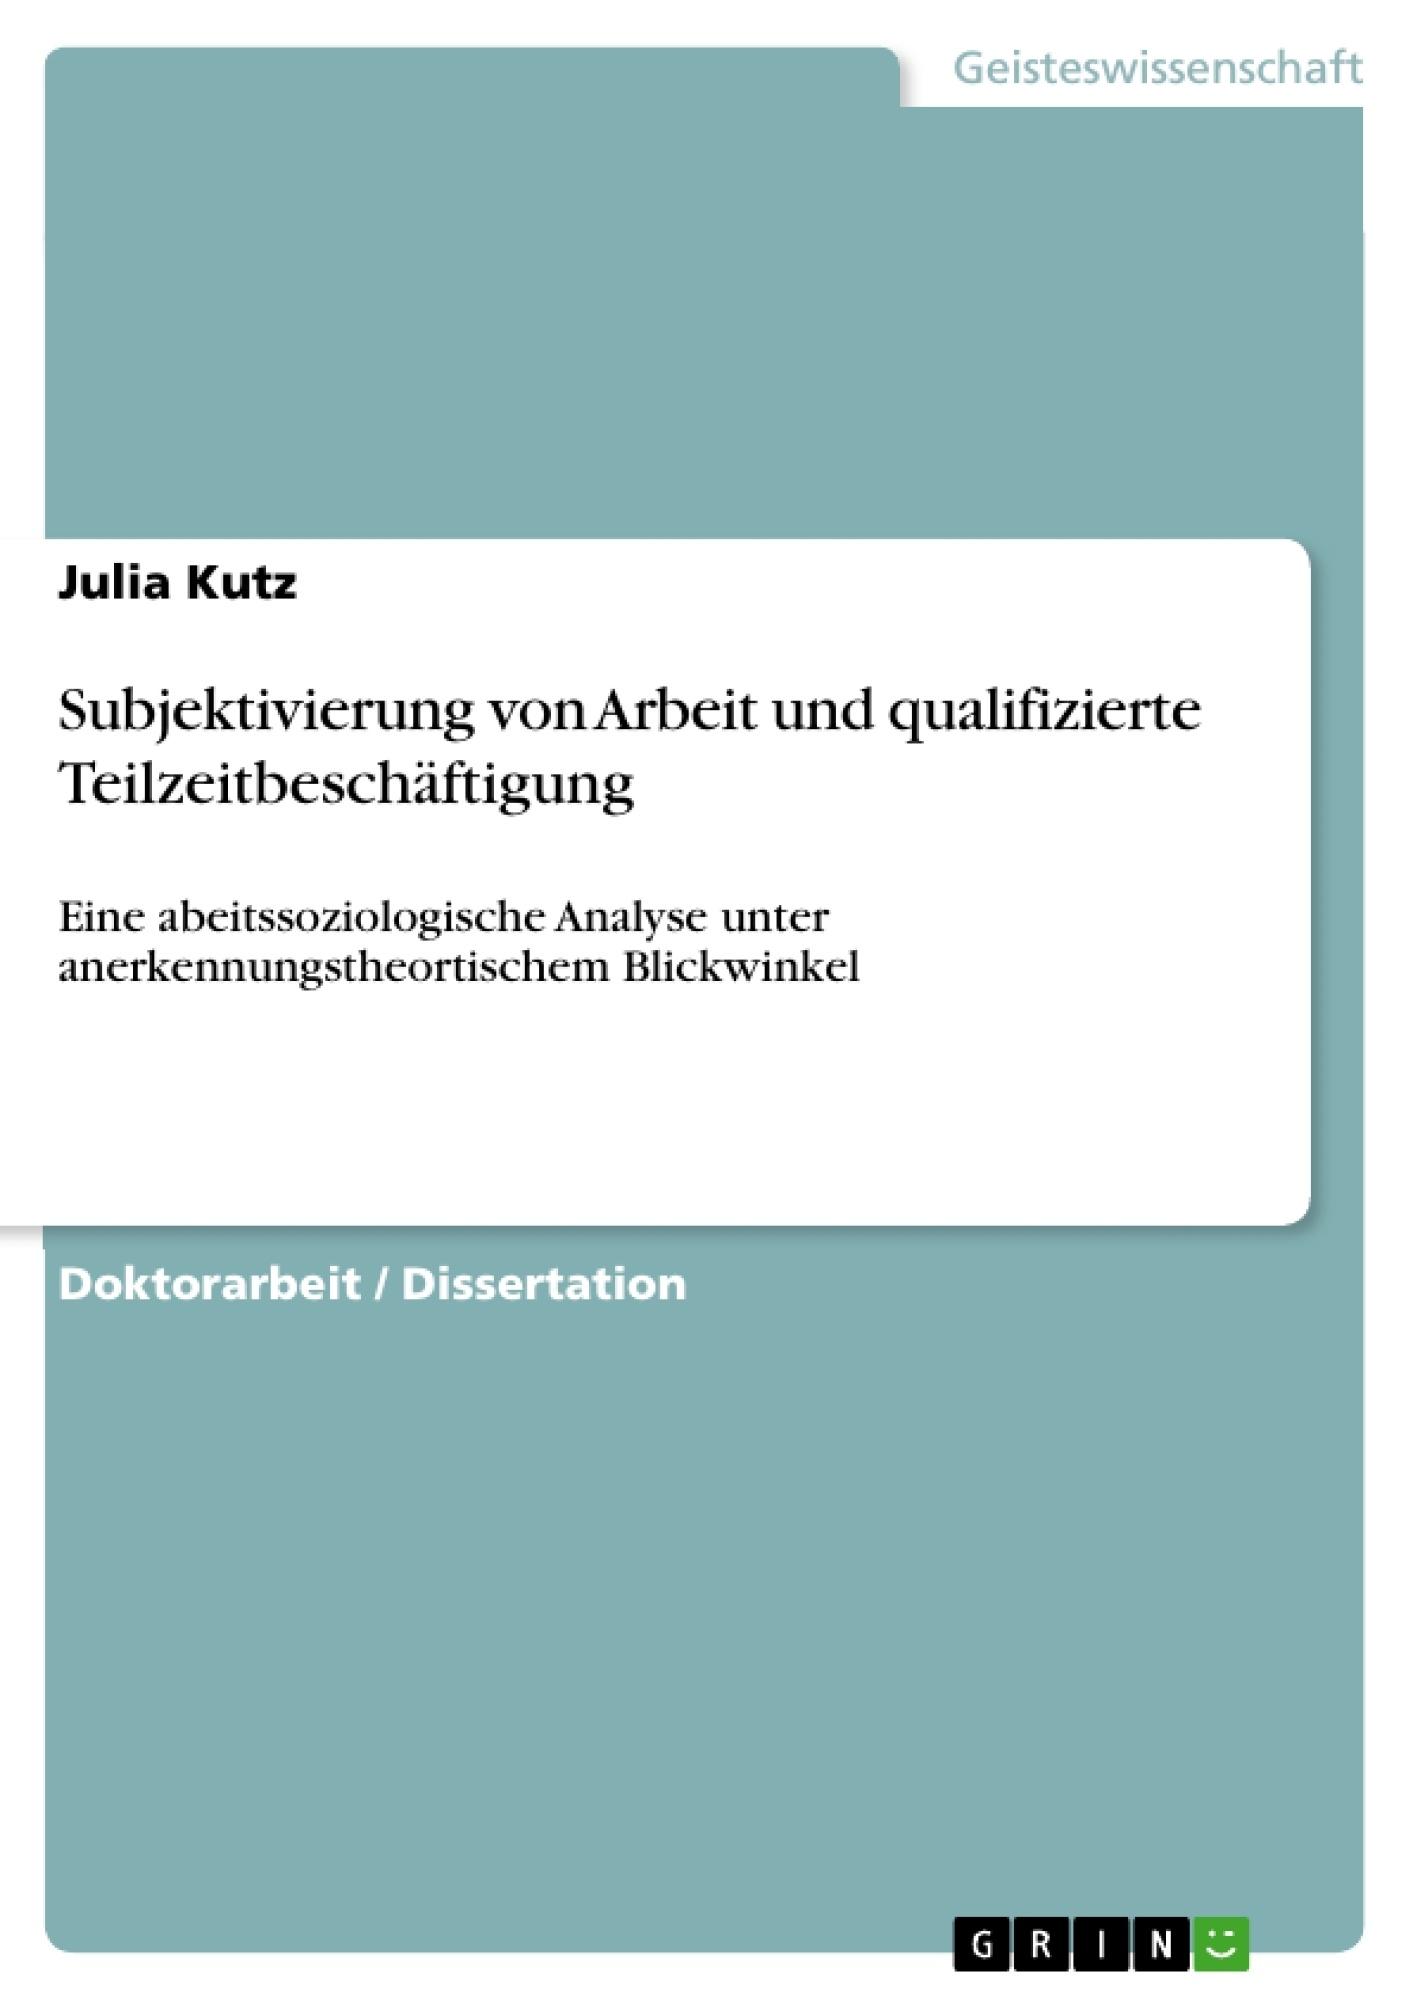 Titel: Subjektivierung von Arbeit und qualifizierte Teilzeitbeschäftigung